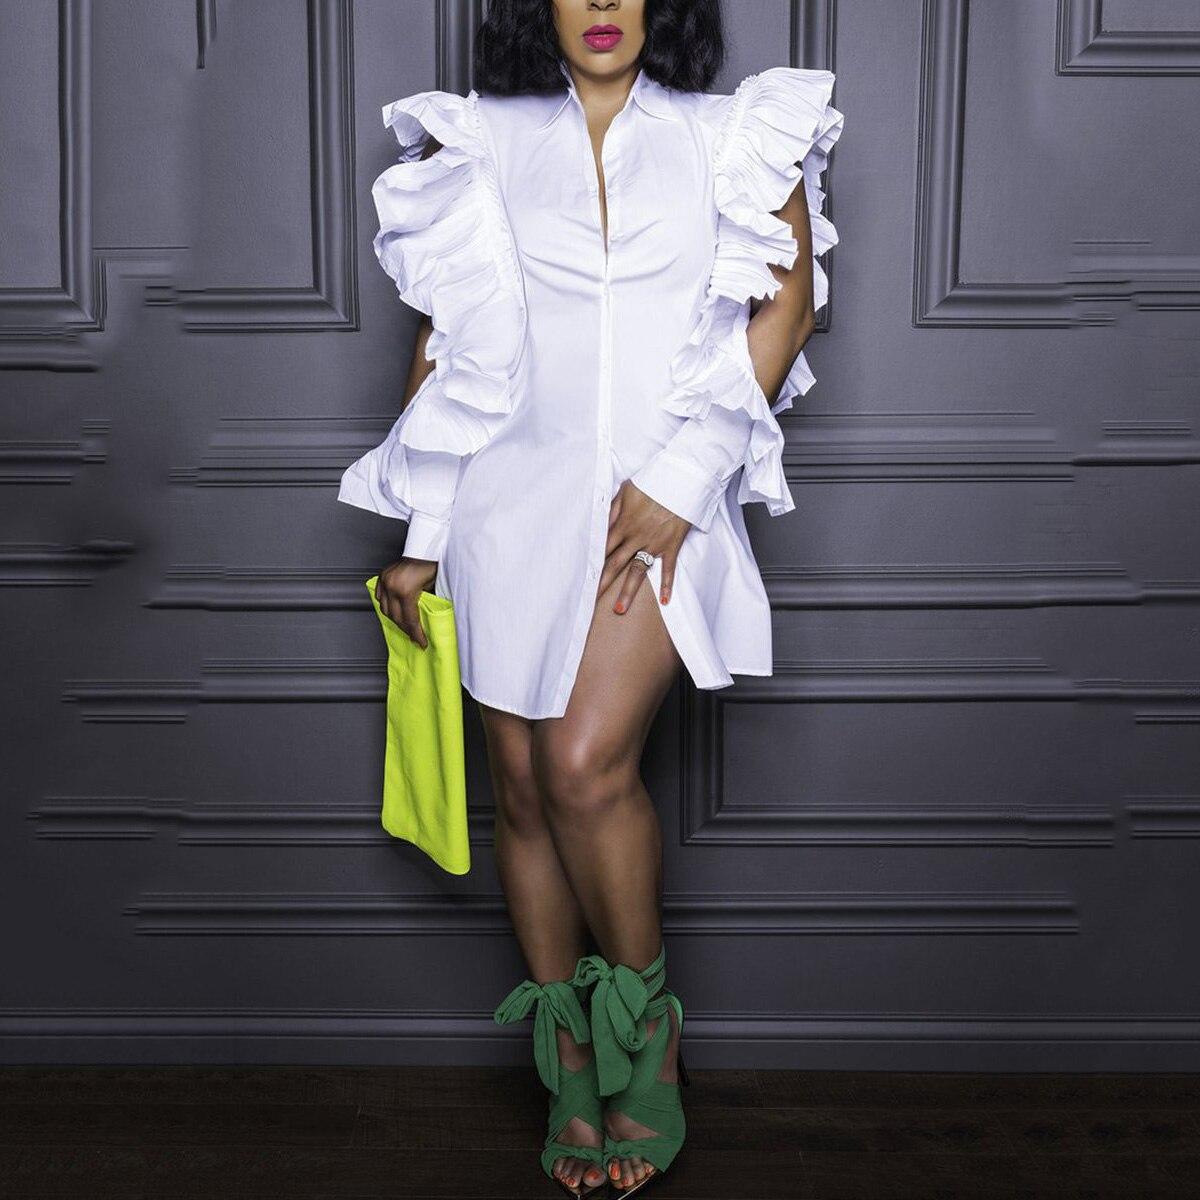 قمصان بيضاء فساتين للنساء حجم كبير 4XL 5XL كبير الكشكشة الباردة الكتف واحدة الصدر بدوره أسفل طوق مساء الملابس